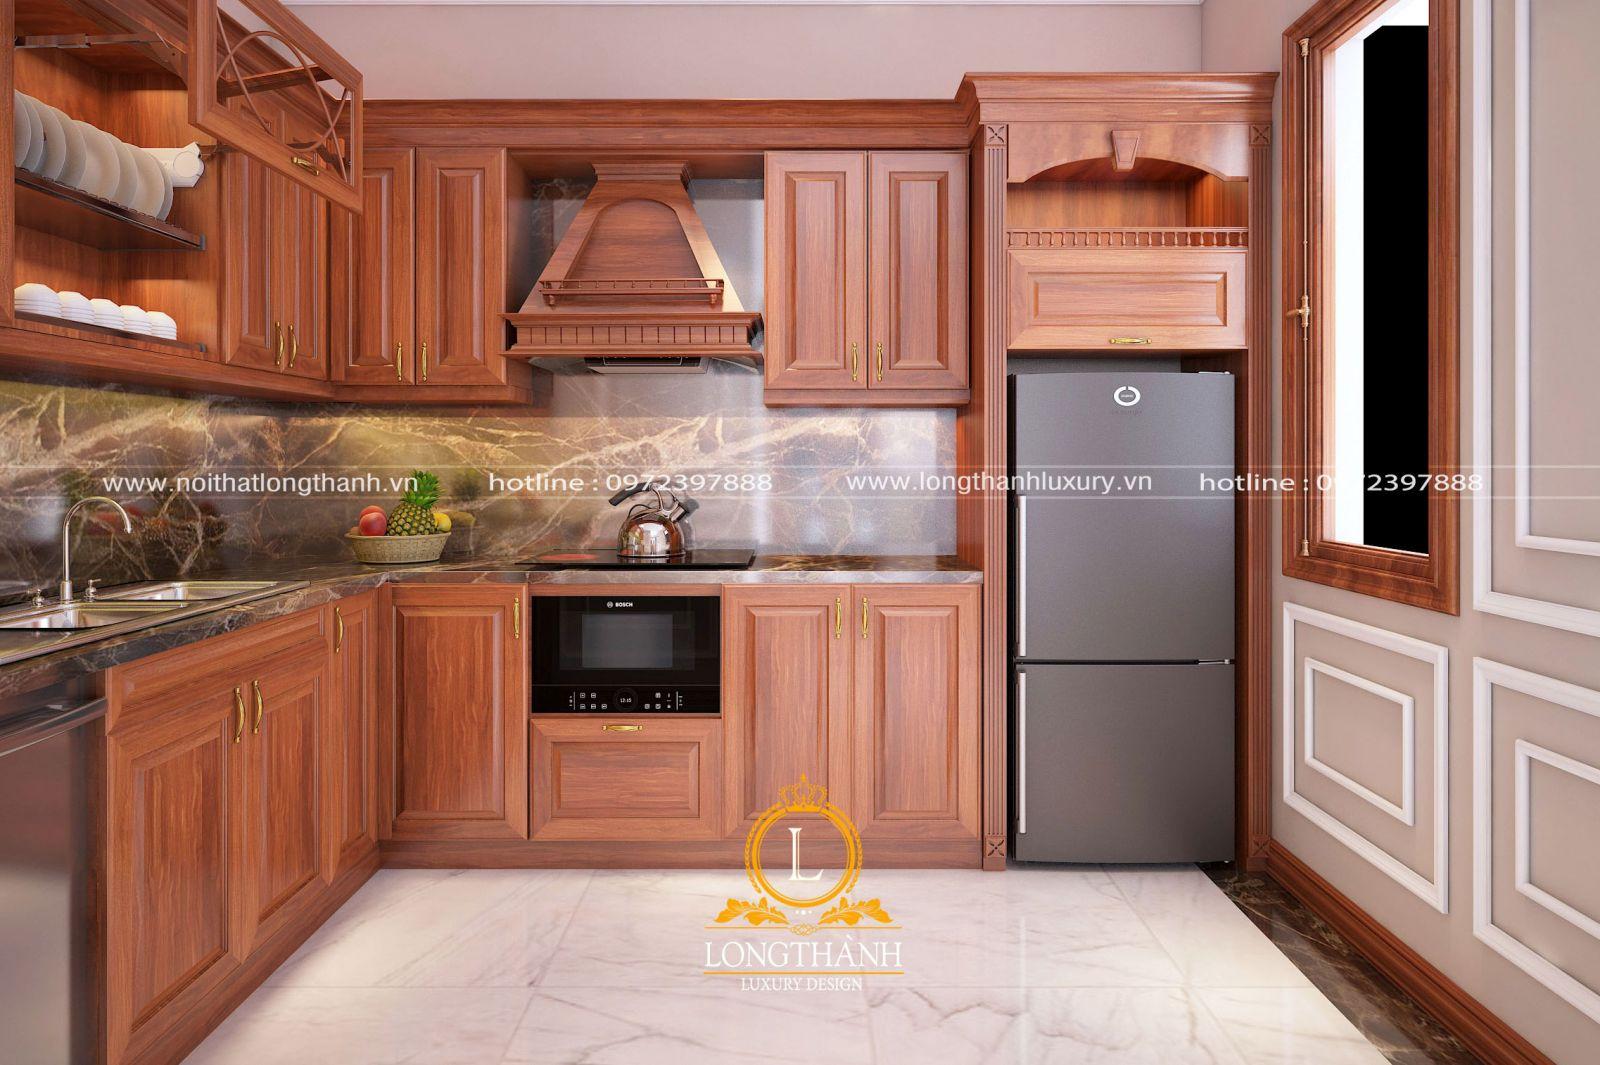 Tủ bếp gỗ Gõ đẹp sang trọng nhẹ nhàng mà tinh tế